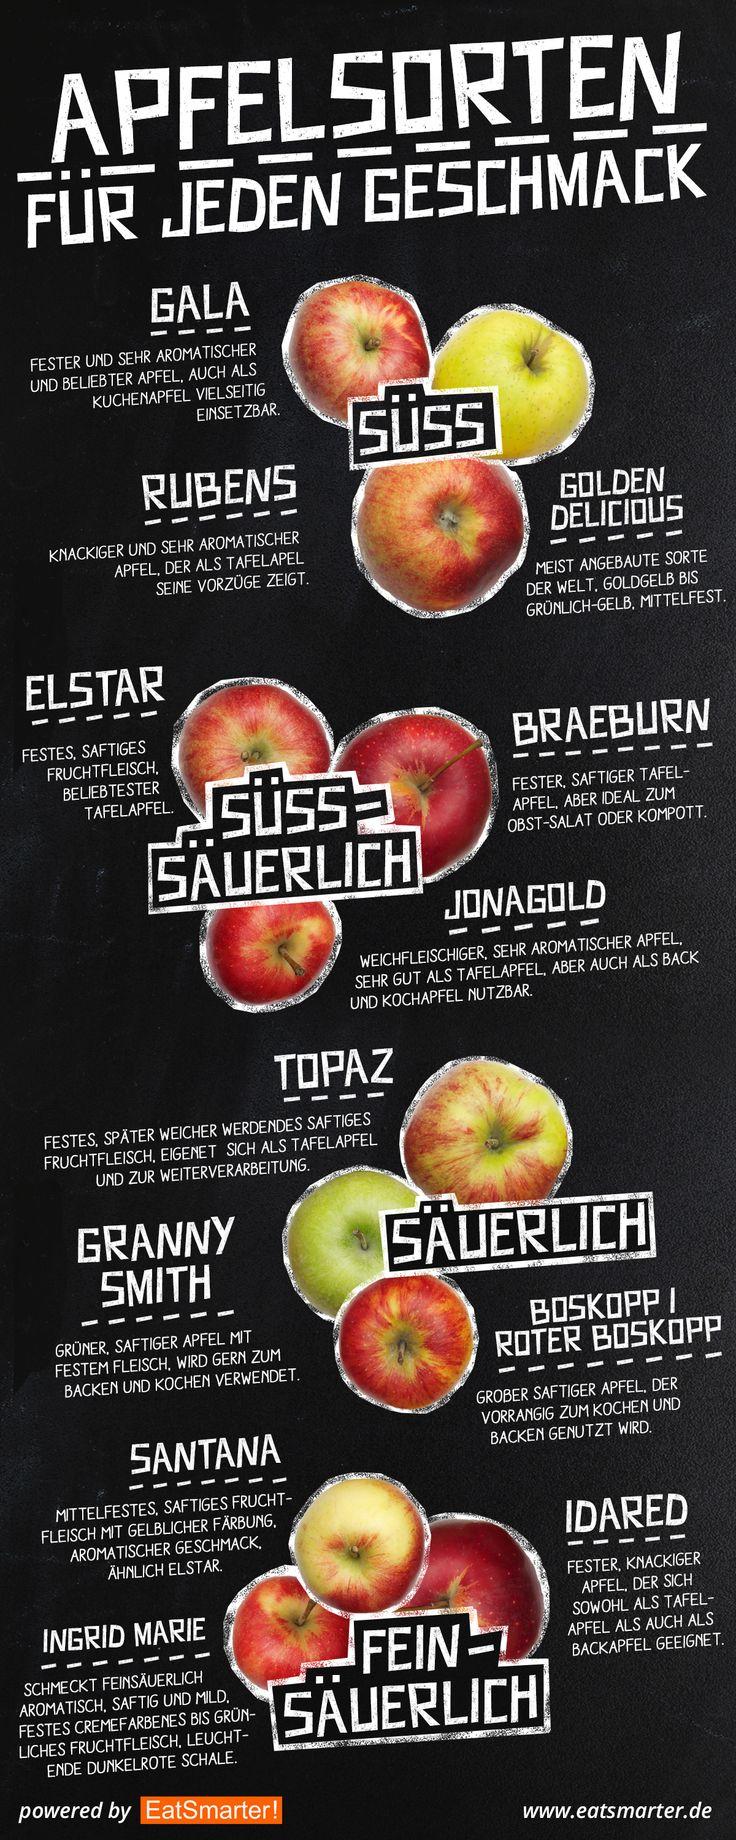 Alte Apfelsorten, die es auch heute noch gibt – Katrin M.